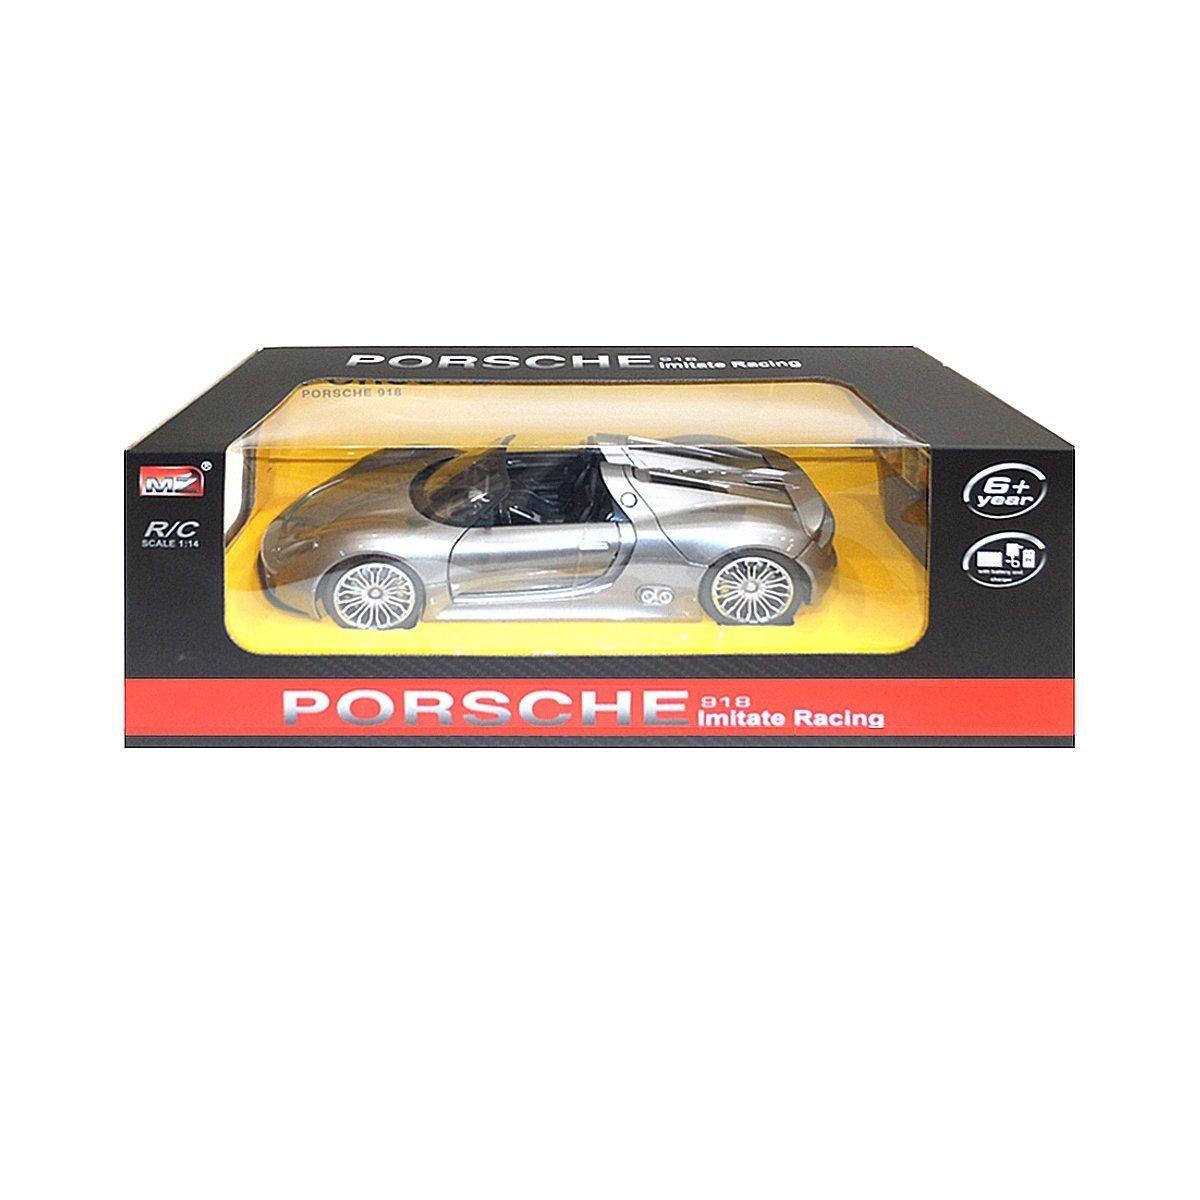 Автомодель на радиоуправлении Porsche 918 (1:14) (в ассорт.) 2046 ТМ: MZ